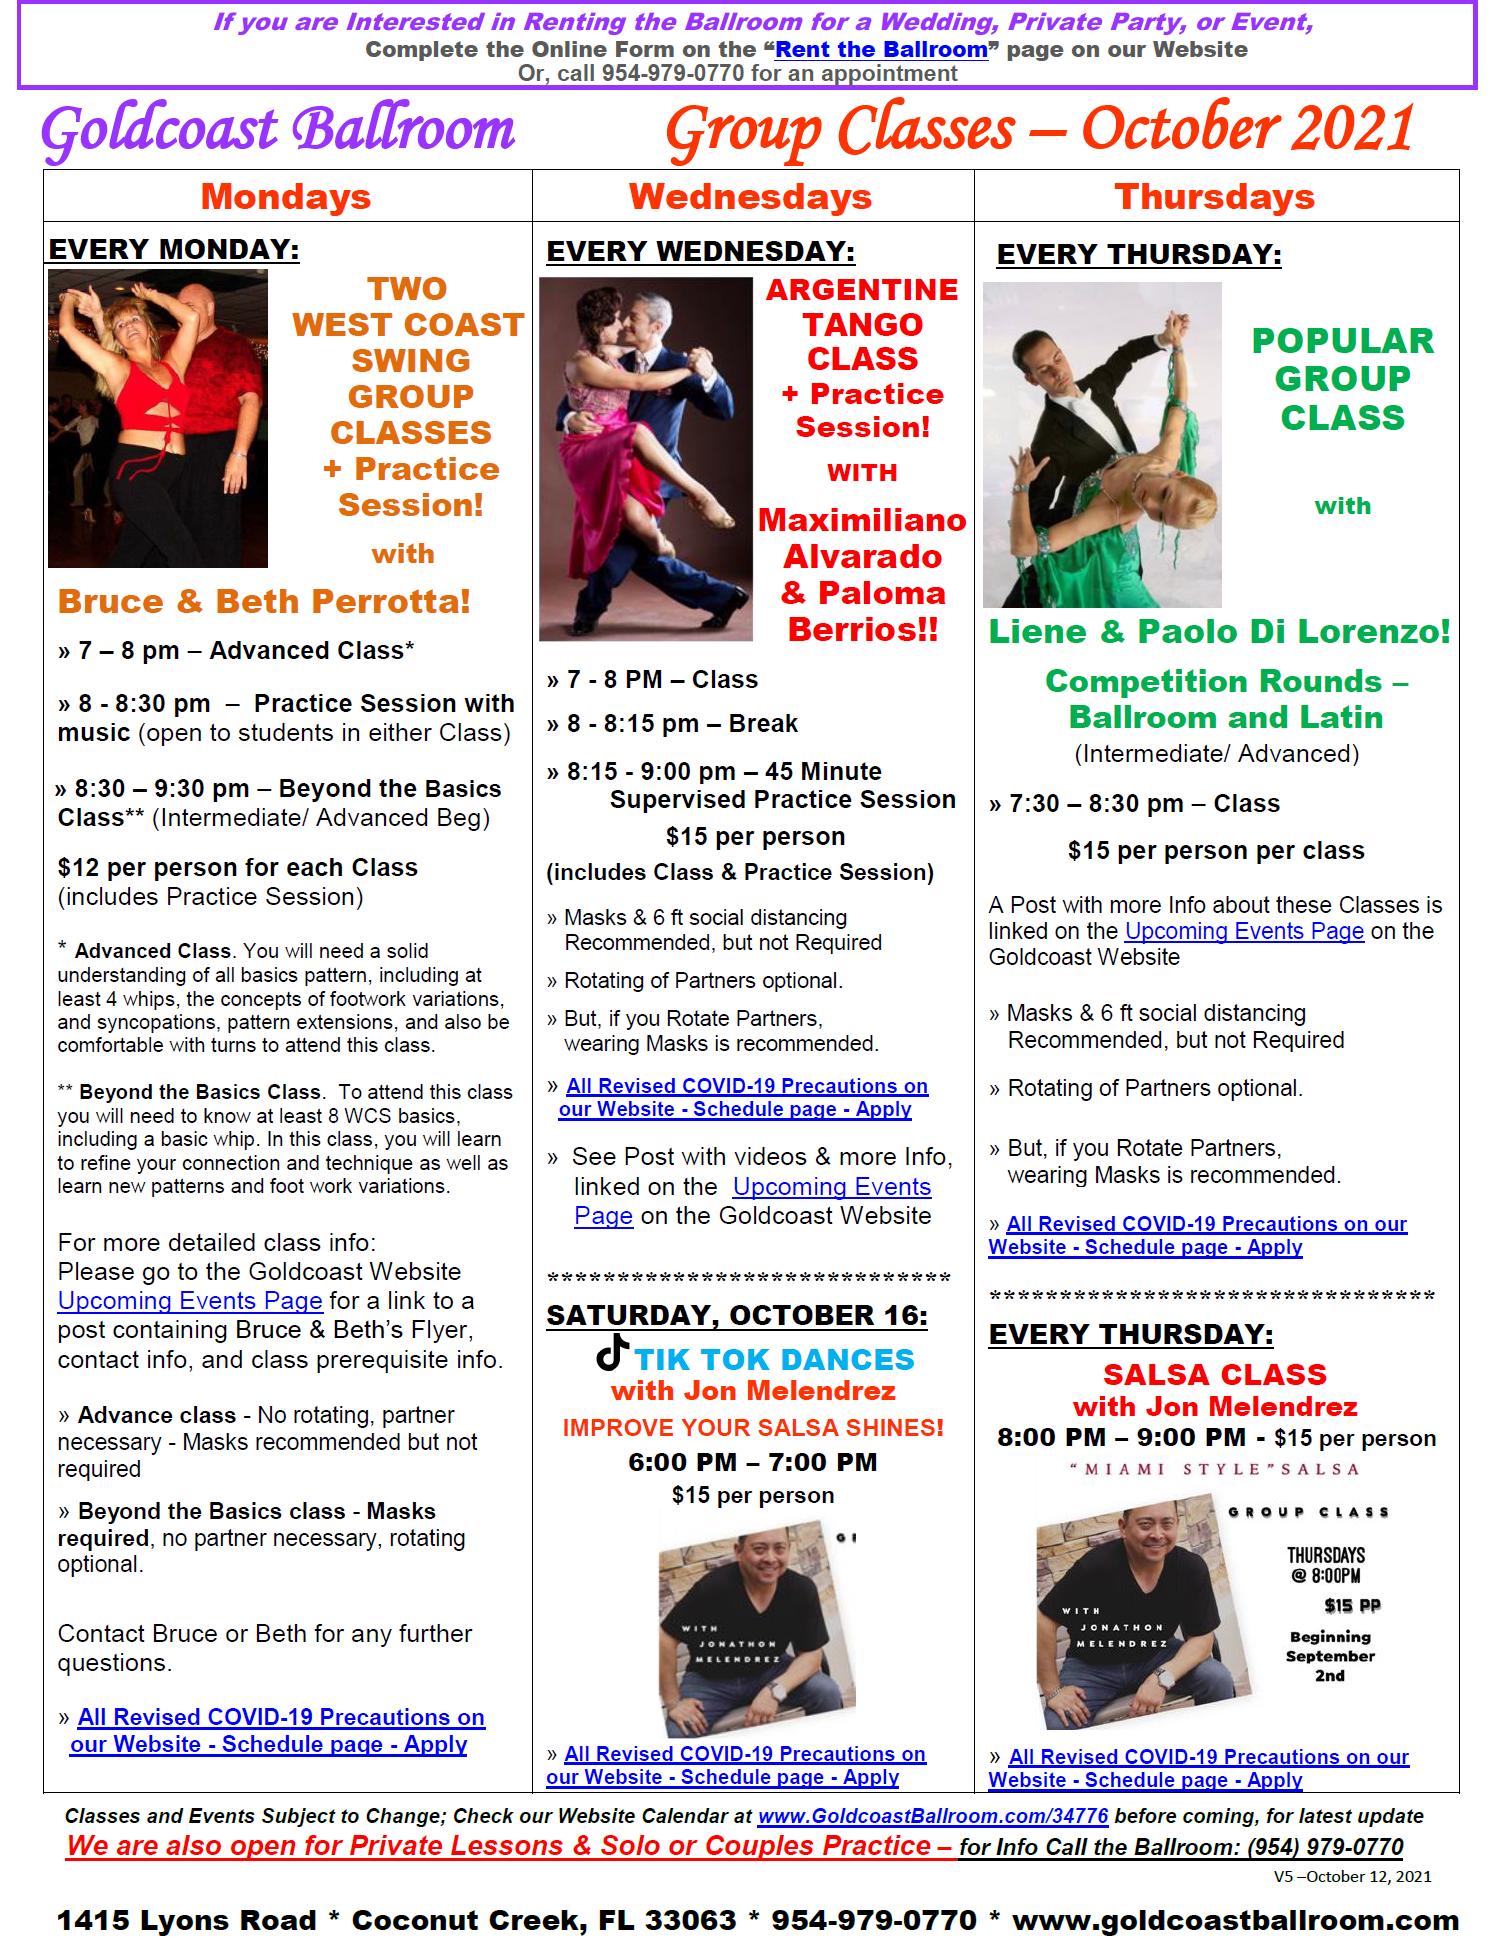 Goldcoast Ballroom October, 2021 Calendar - Group Class Schedule - V5